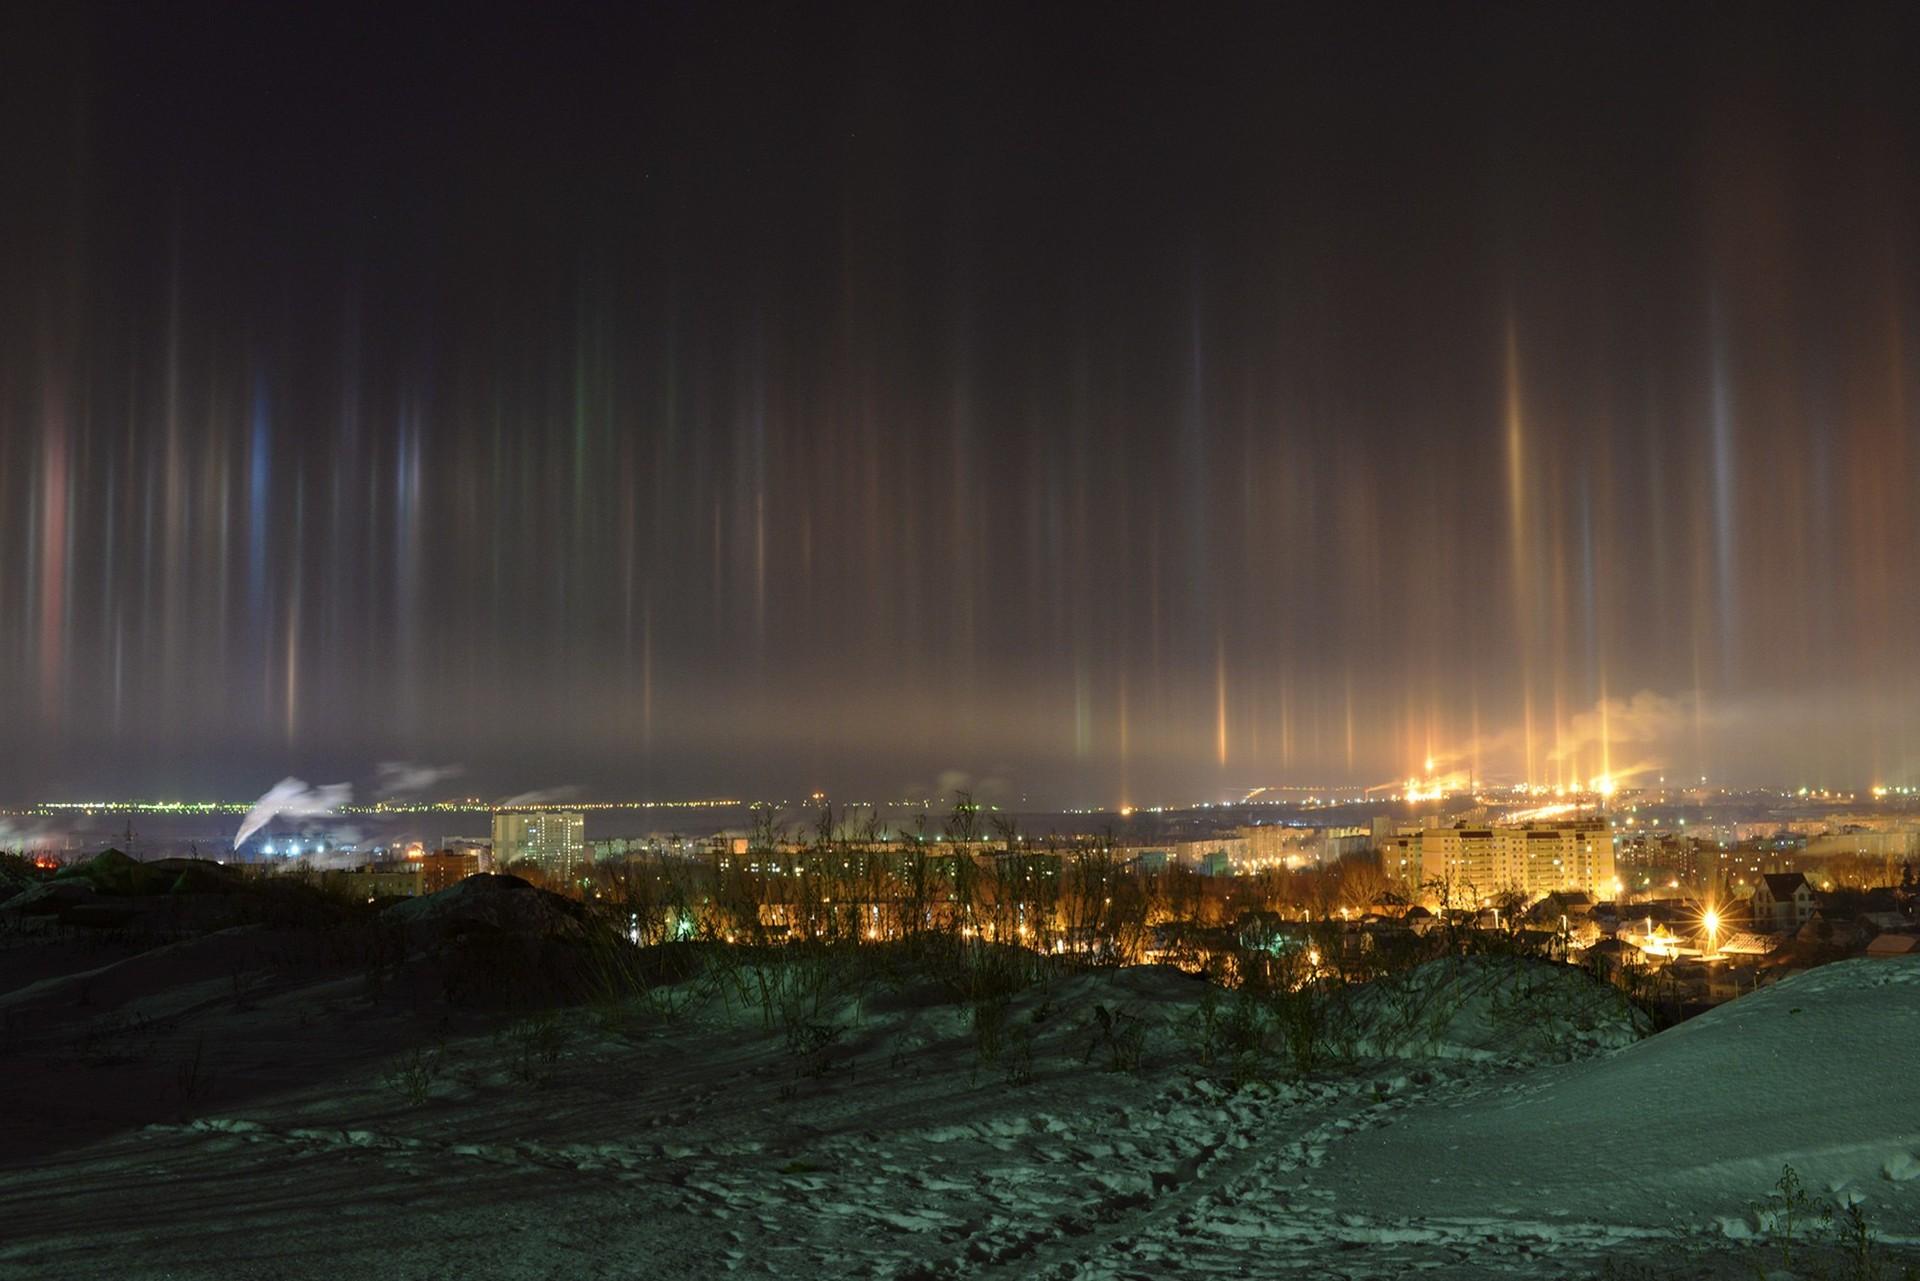 pilastri luminosi - luci terremoti